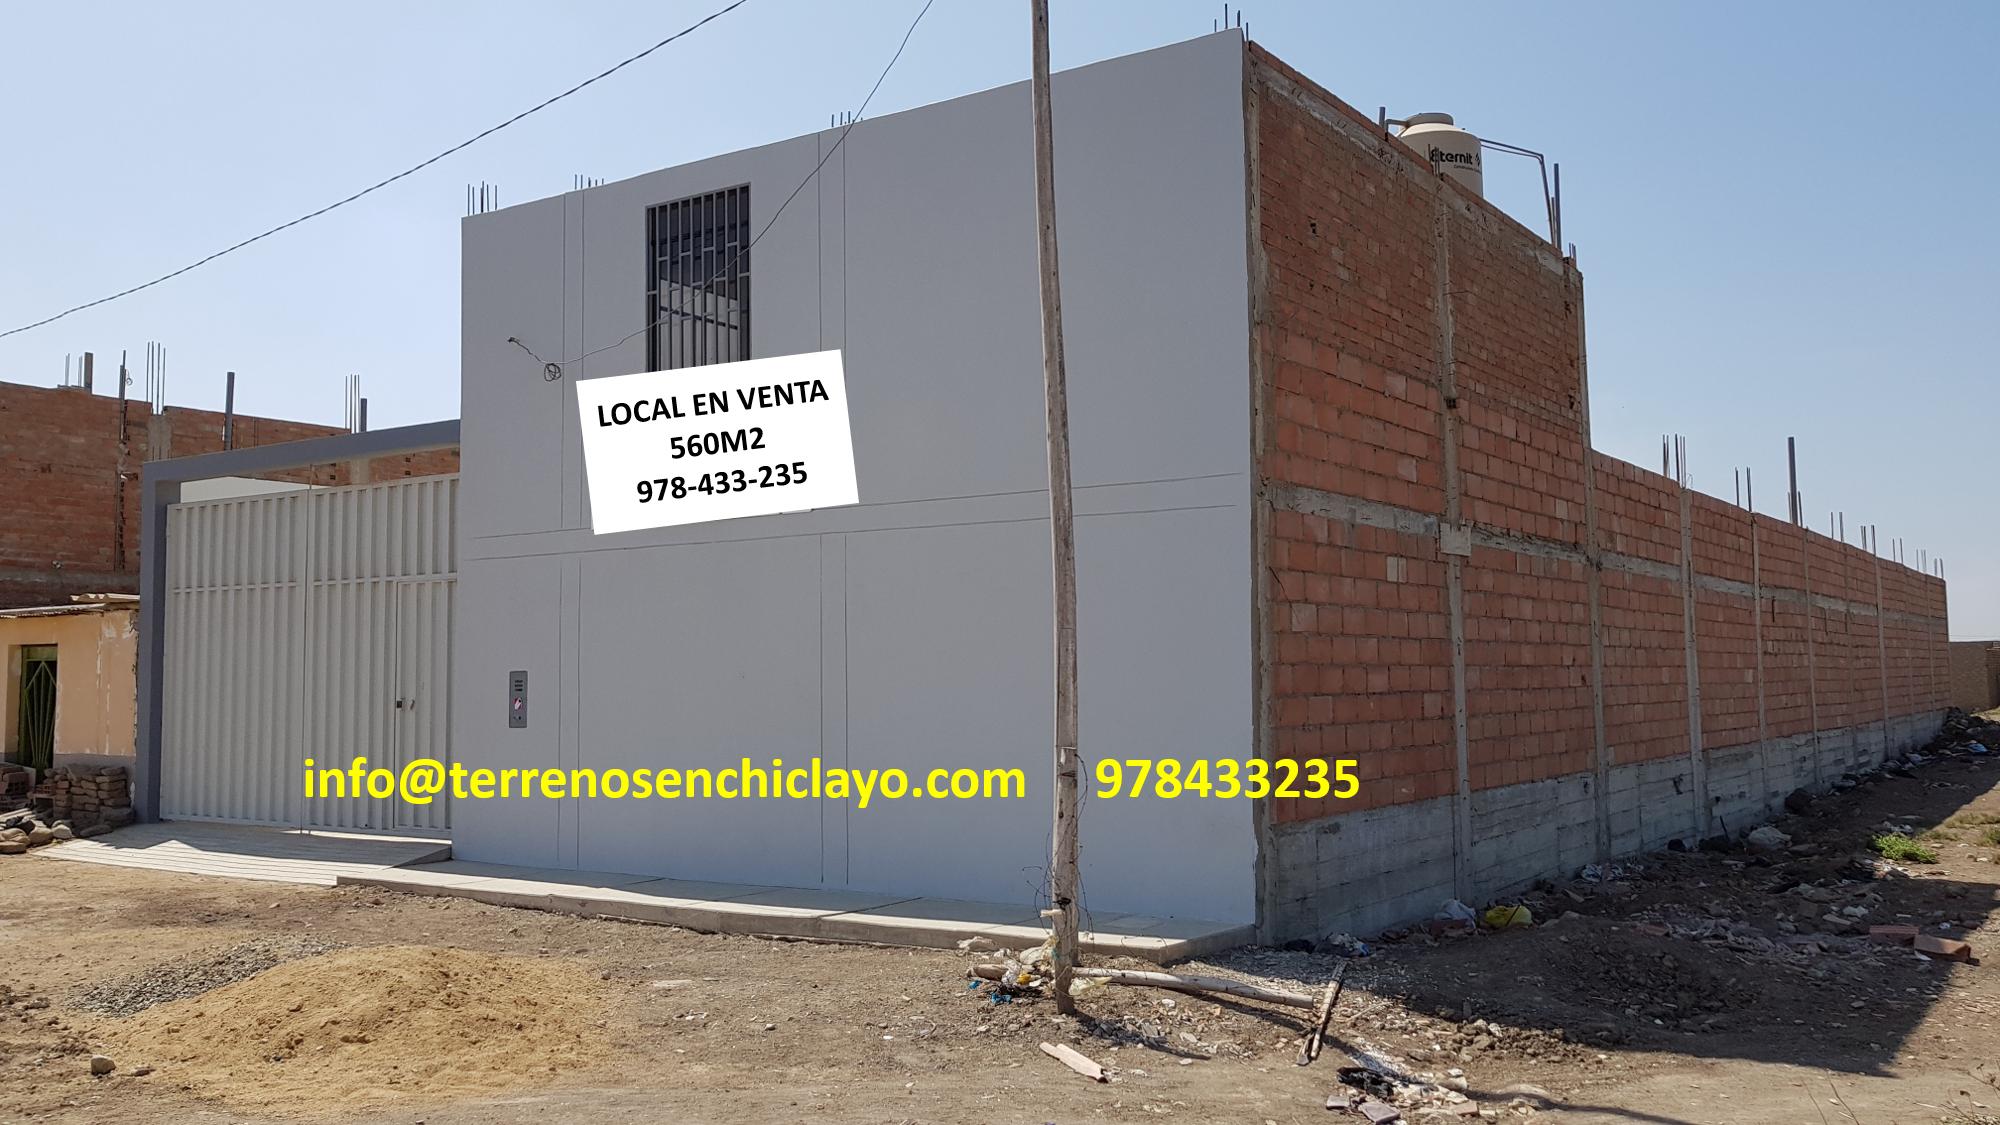 Local Circulado, en Esquina 560m2  (La Victoria-Chiclayo) AV. Pachacútec